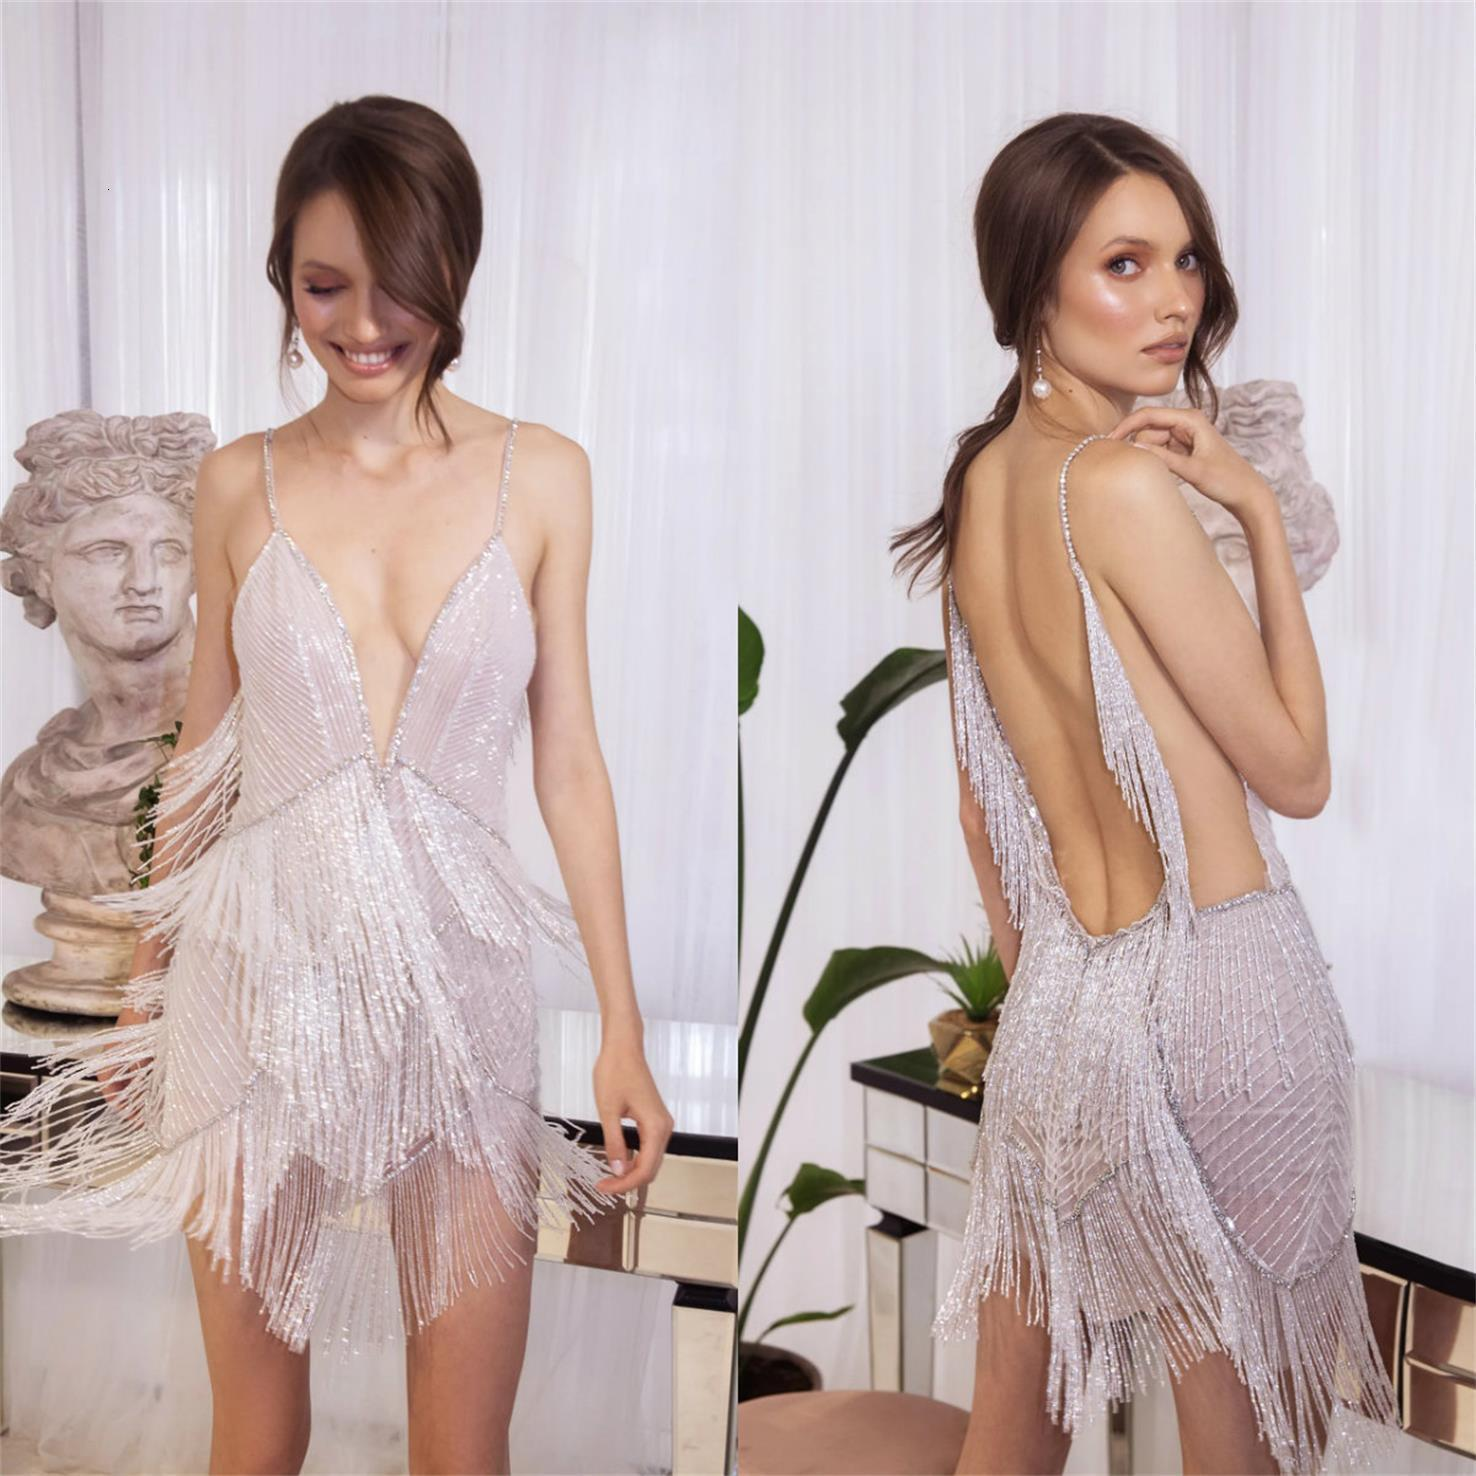 Sexy kurze Abendkleider Sonderanfertigungen Pailletten Quaste Prom Kleid Spathetti V-ausschnitt formale Partykleider